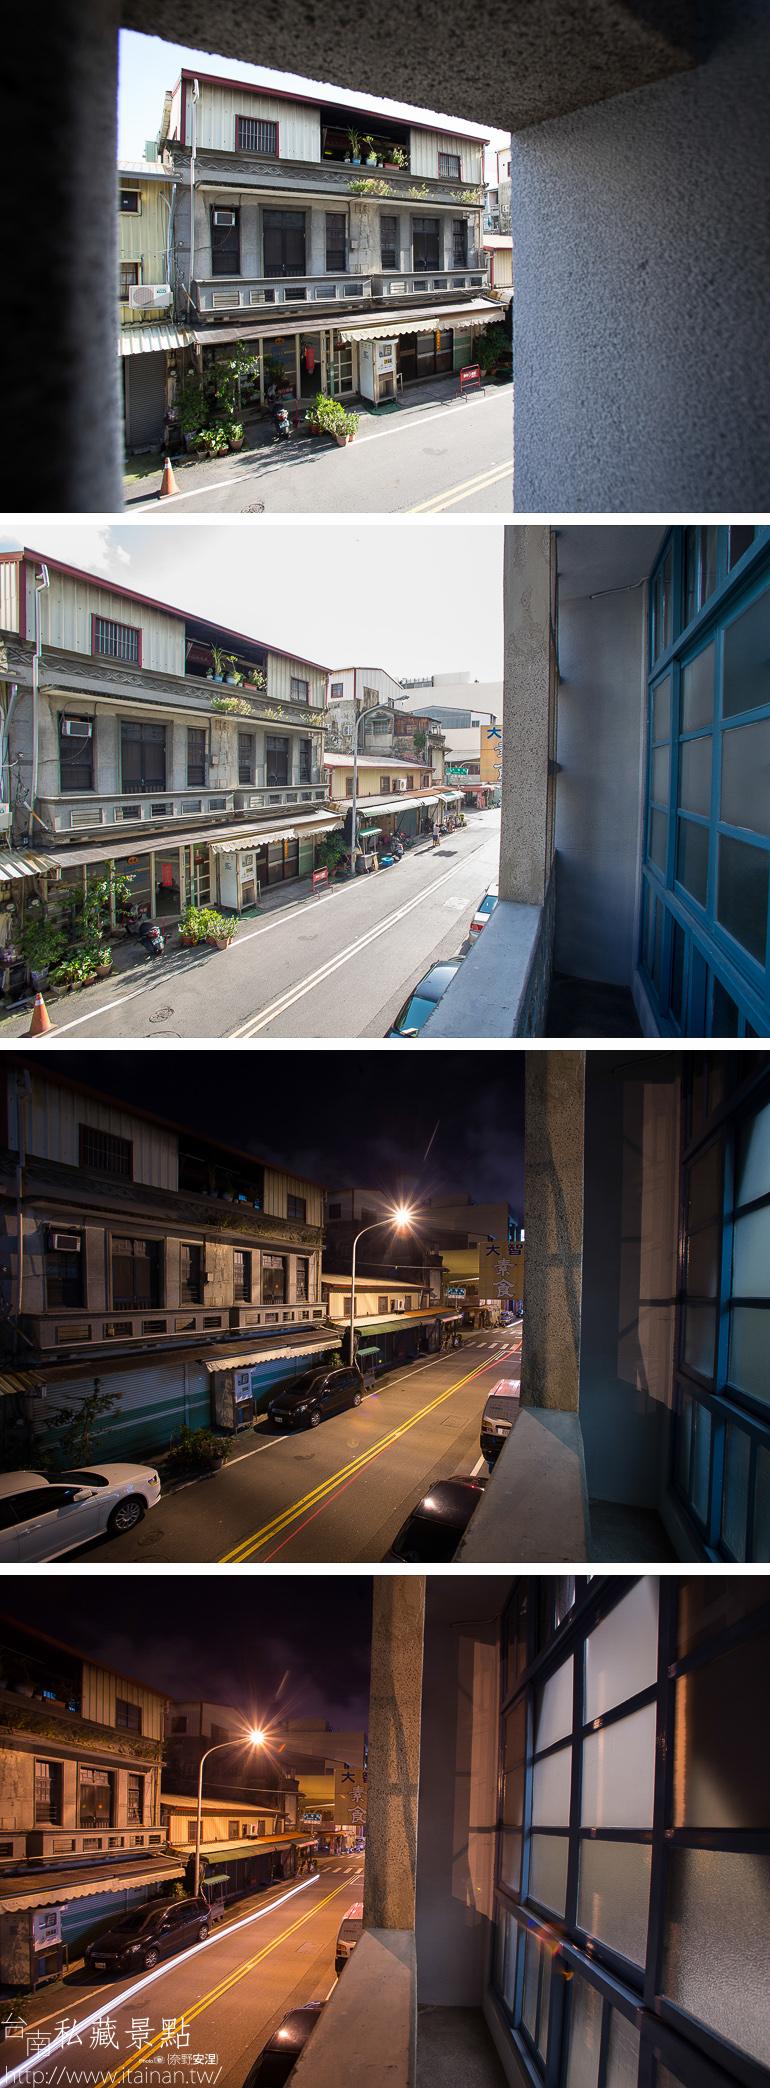 台南私藏景點--老房小屋 (24)